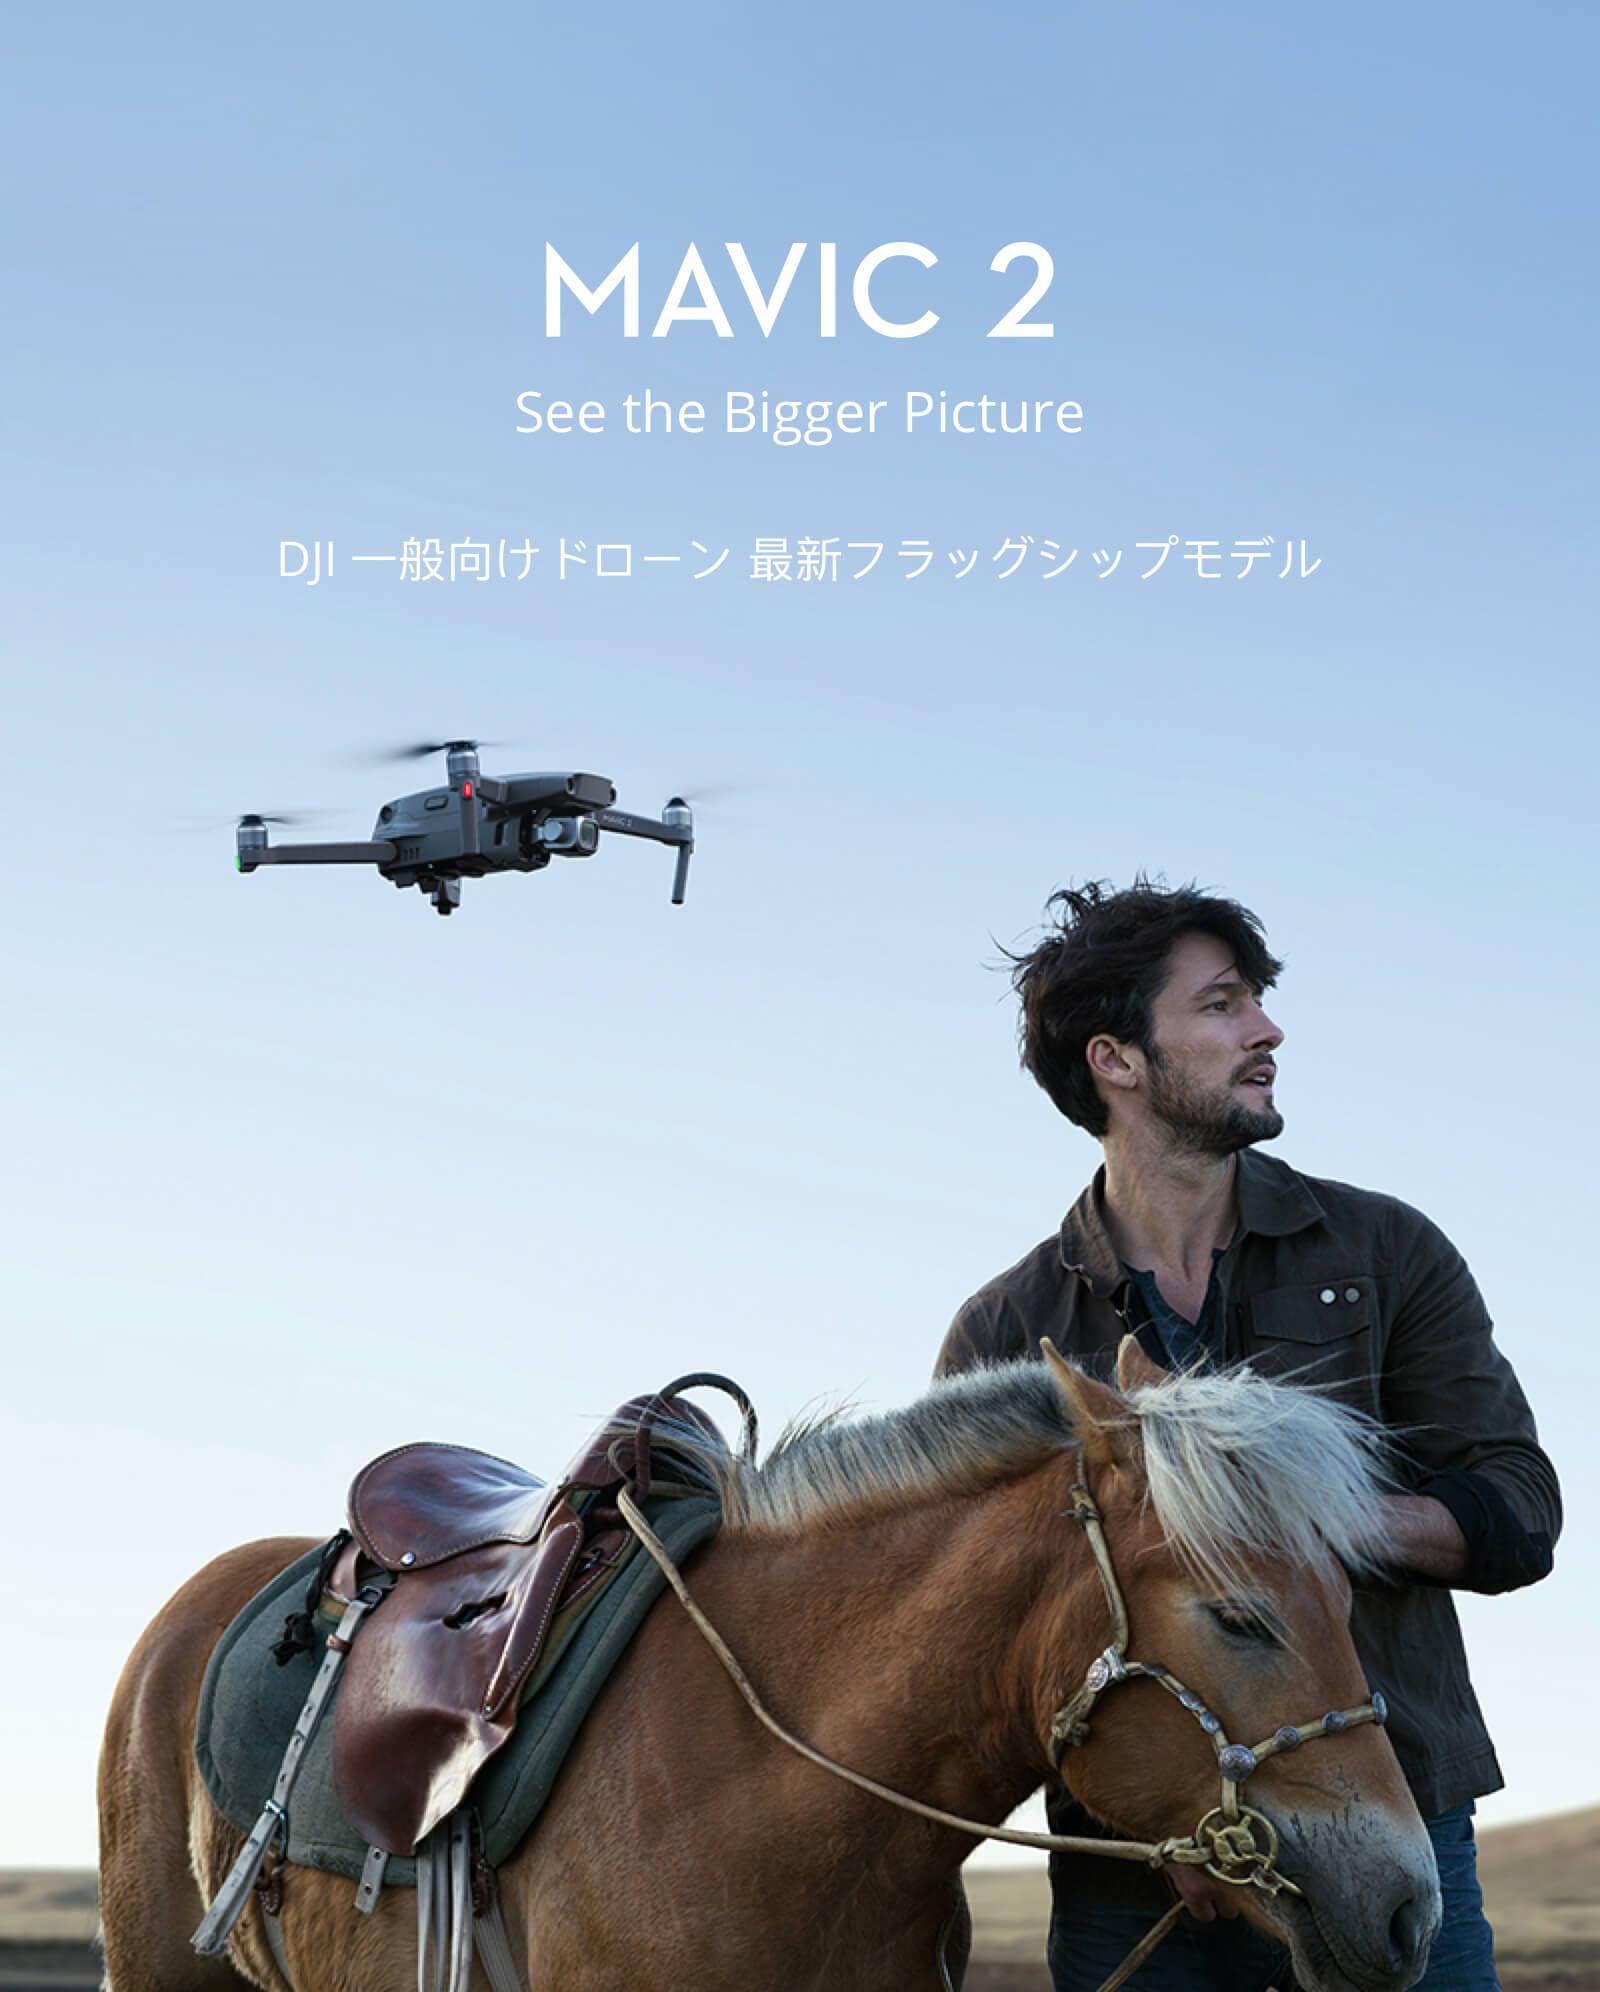 DJI Mavic 2シリーズの紹介